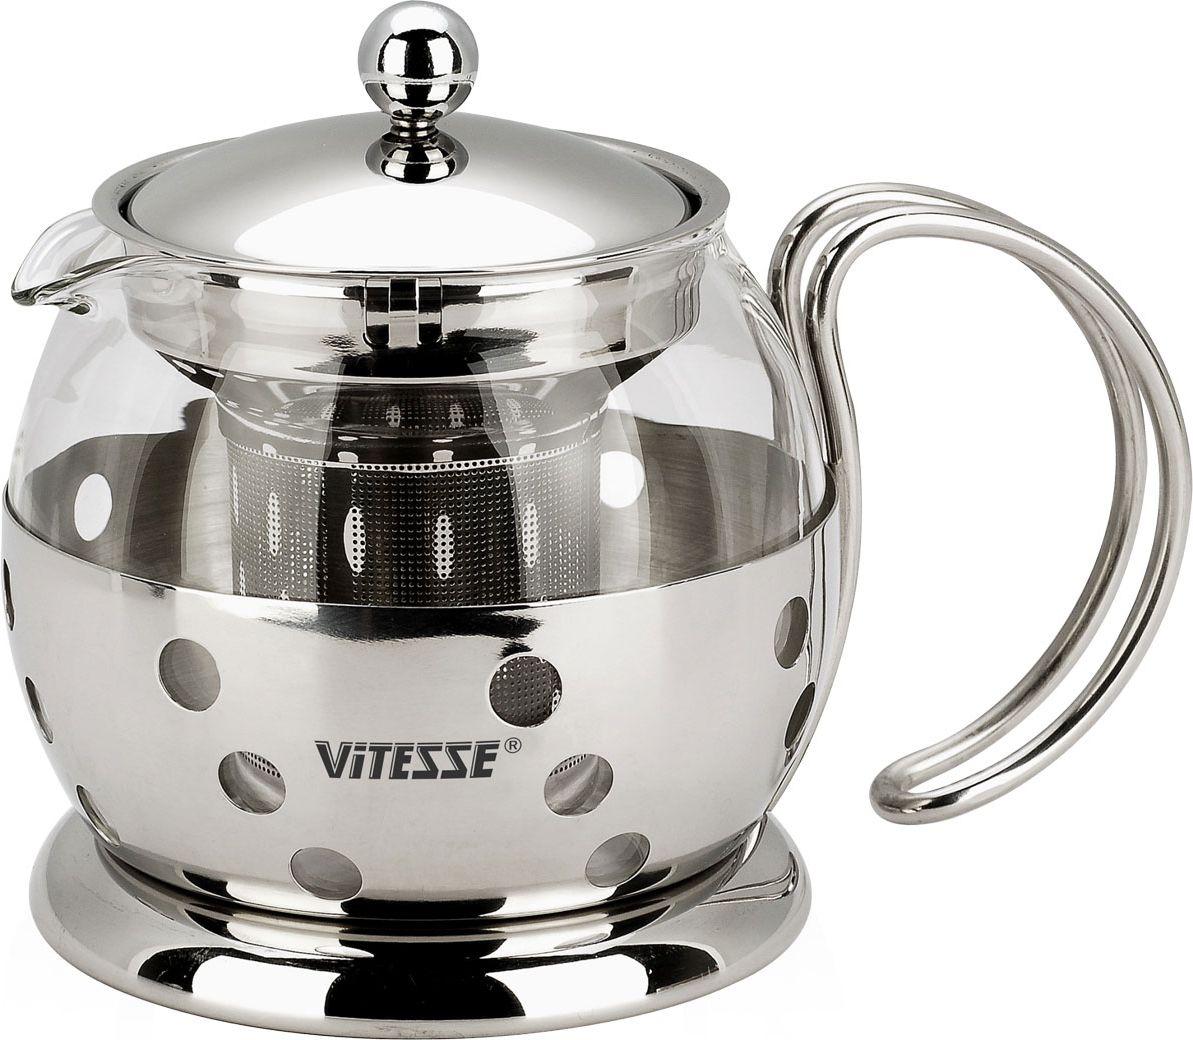 Чайник заварочный Vitesse Classic, с ситечком, 700 мл. VS-8319391602Заварочный чайник Vitesse Classic, выполненный из высококачественной нержавеющей стали и термостойкого стекла, предоставит вам все необходимые возможности для успешного заваривания чая. Чай в таком чайнике дольше остается горячим, а полезные и ароматические вещества полностью сохраняются в напитке. Чайник имеет вынимающийся фильтр-ситечко, что делает его чрезвычайно удобным в использовании.Эстетичный и функциональный, с эксклюзивным дизайном, чайник будет оригинально смотреться в любом интерьере.Чайник пригоден для мытья в посудомоечной машине.Высота чайника (без учета крышки): 11 см. Диаметр основания чайника: 11 см.